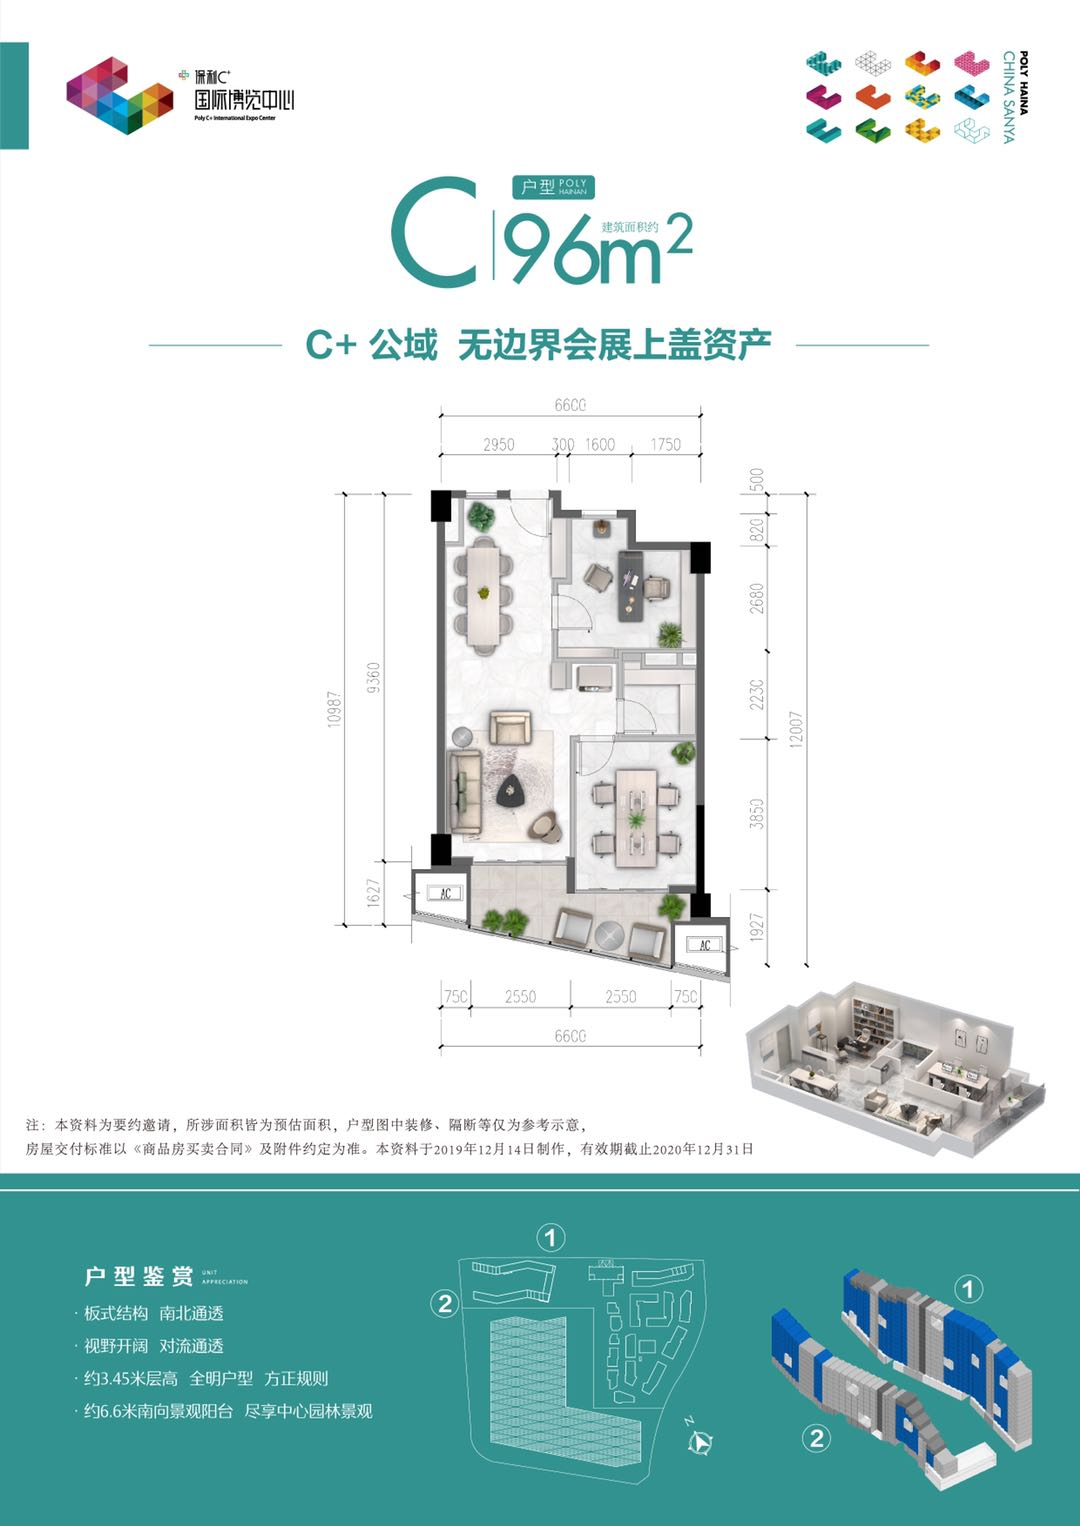 保利·C+国际博览中心C户型